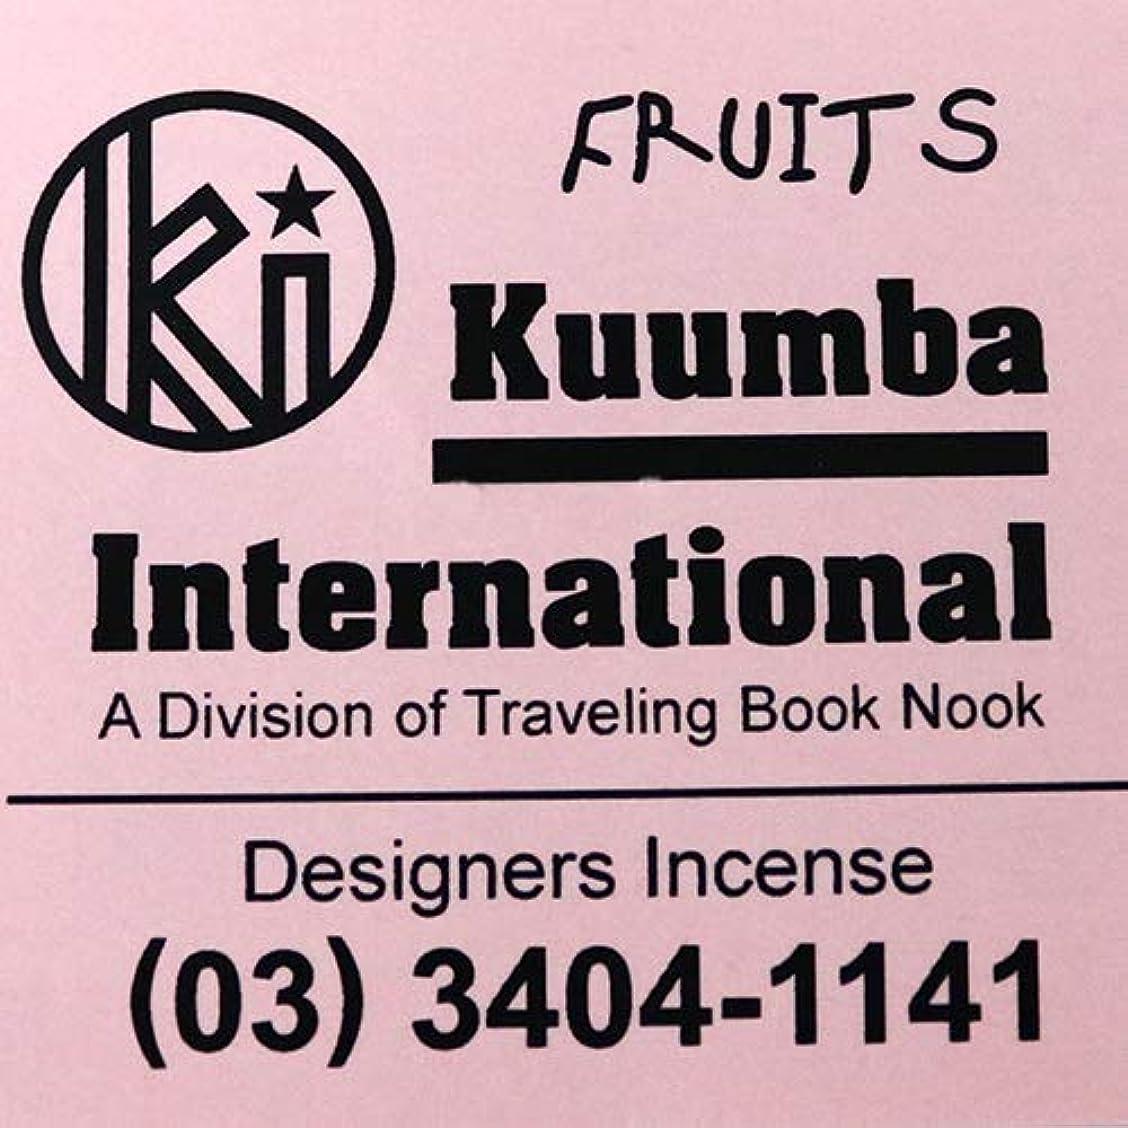 薄いです冷ややかな指紋(クンバ) KUUMBA『incense』(FRUITS) (FRUITS, Regular size)